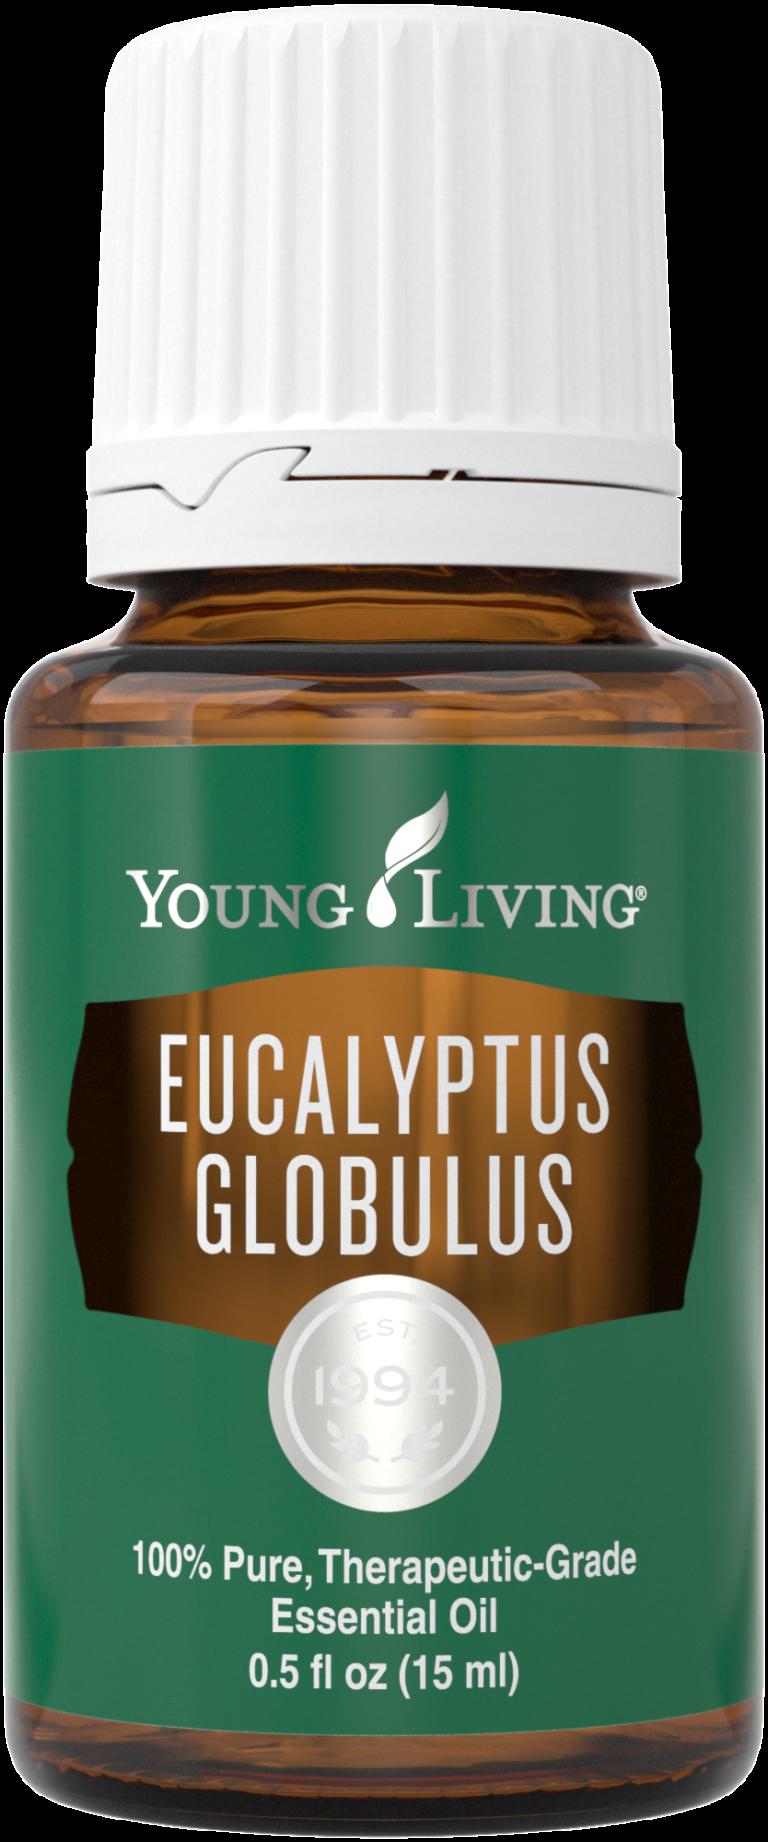 eucalyptusglobulus_15ml_silo_us_2016_24444967411_o